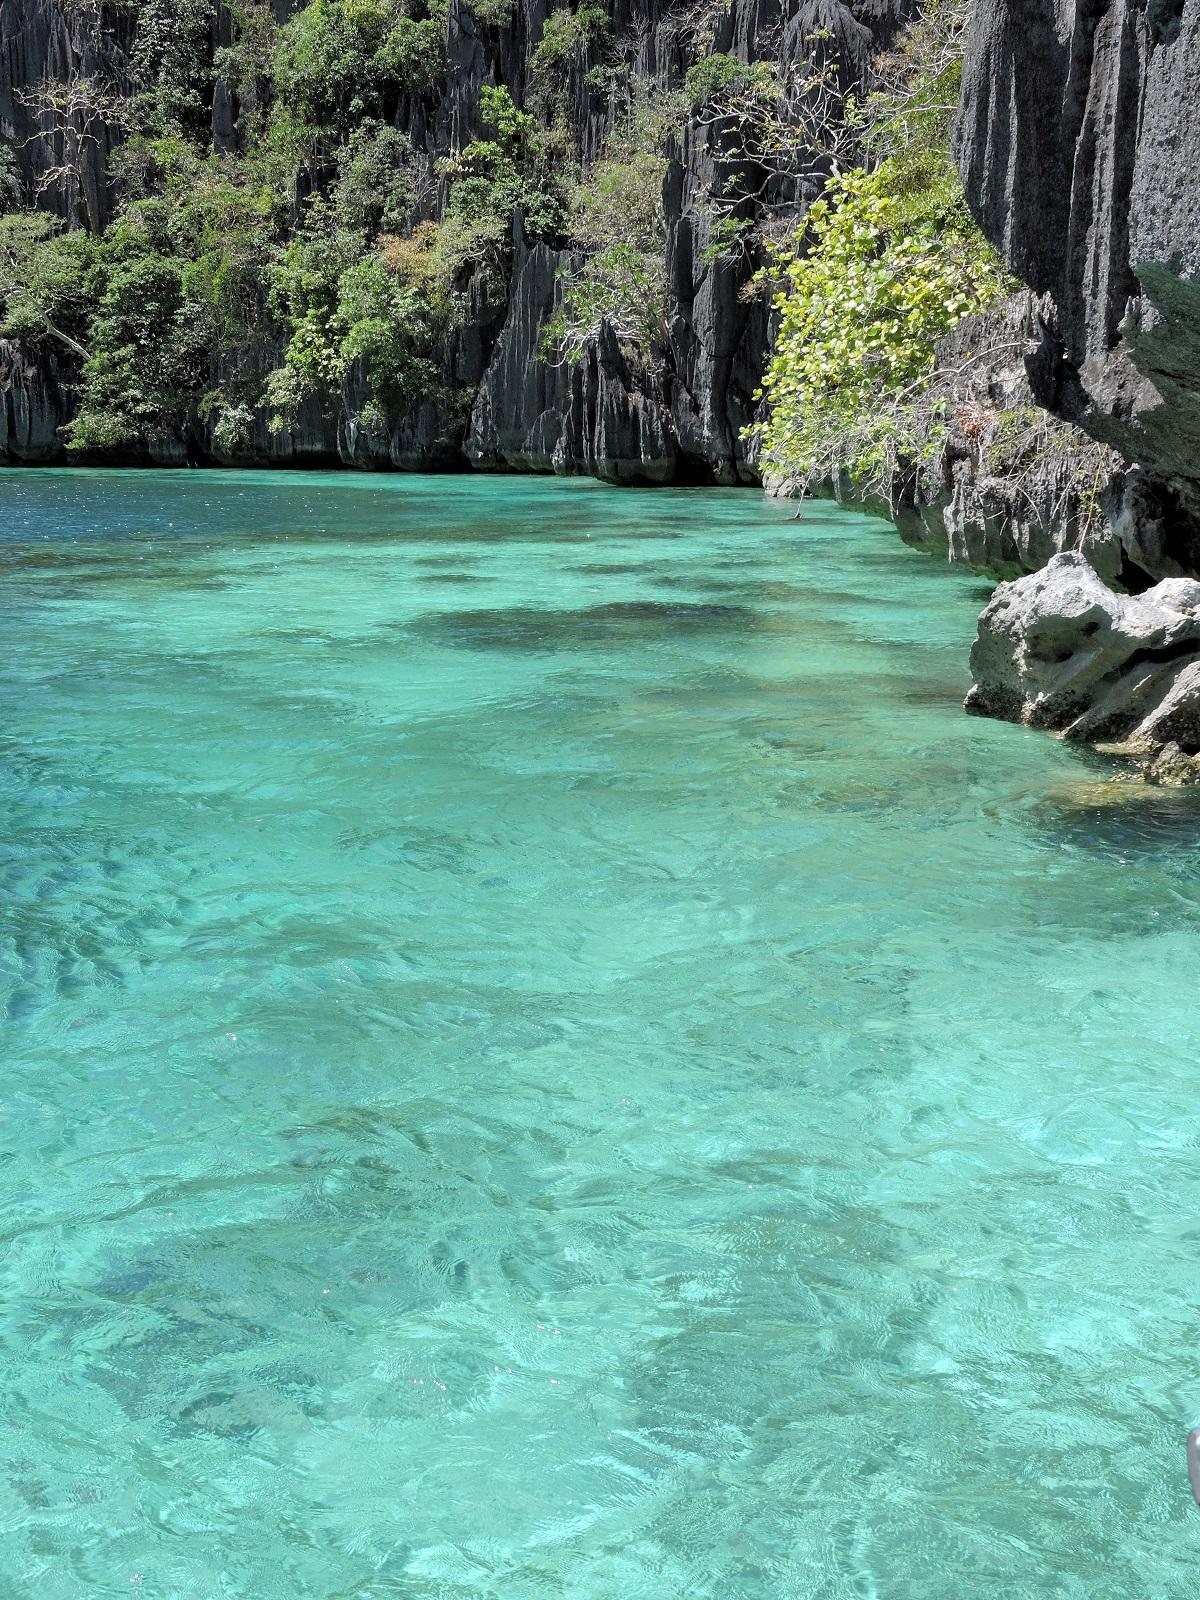 aqua blue water and sheer rock clifs